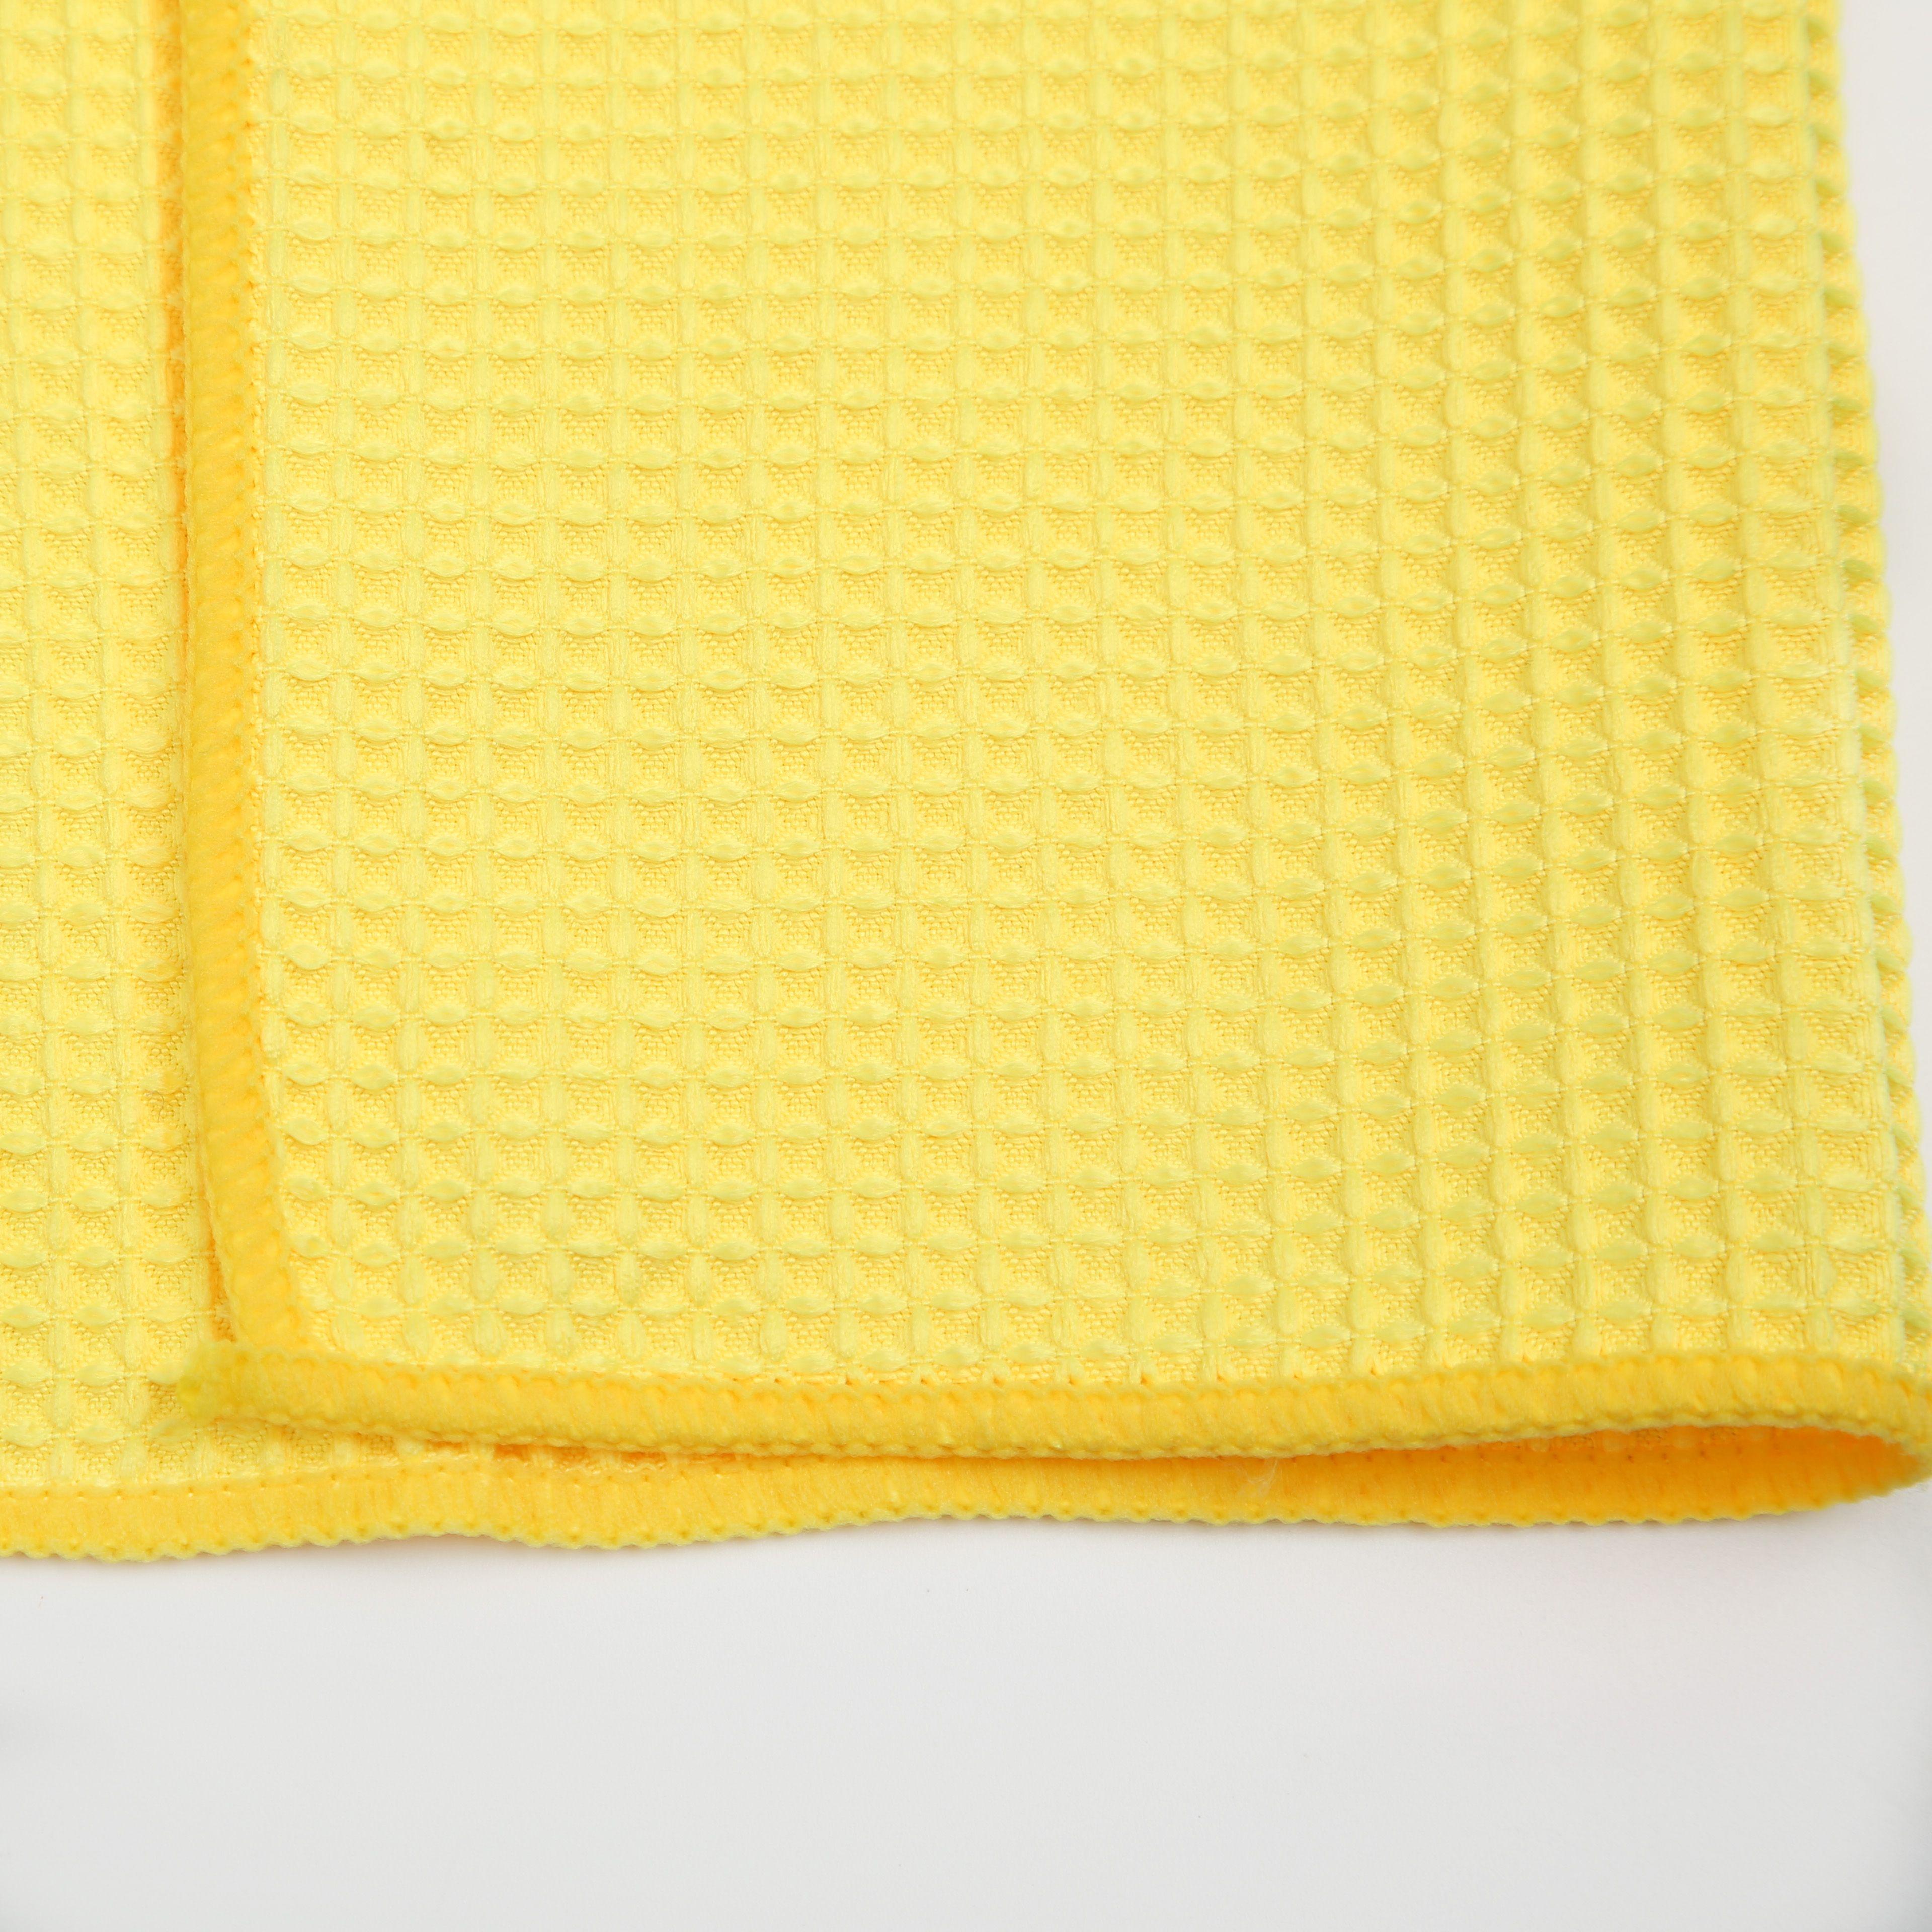 洁丽竹黄色擦车毛巾超强吸水去污强手感柔软舒适不霉不烂做工精细轻便灵活经久耐用玉米粒超细纤维